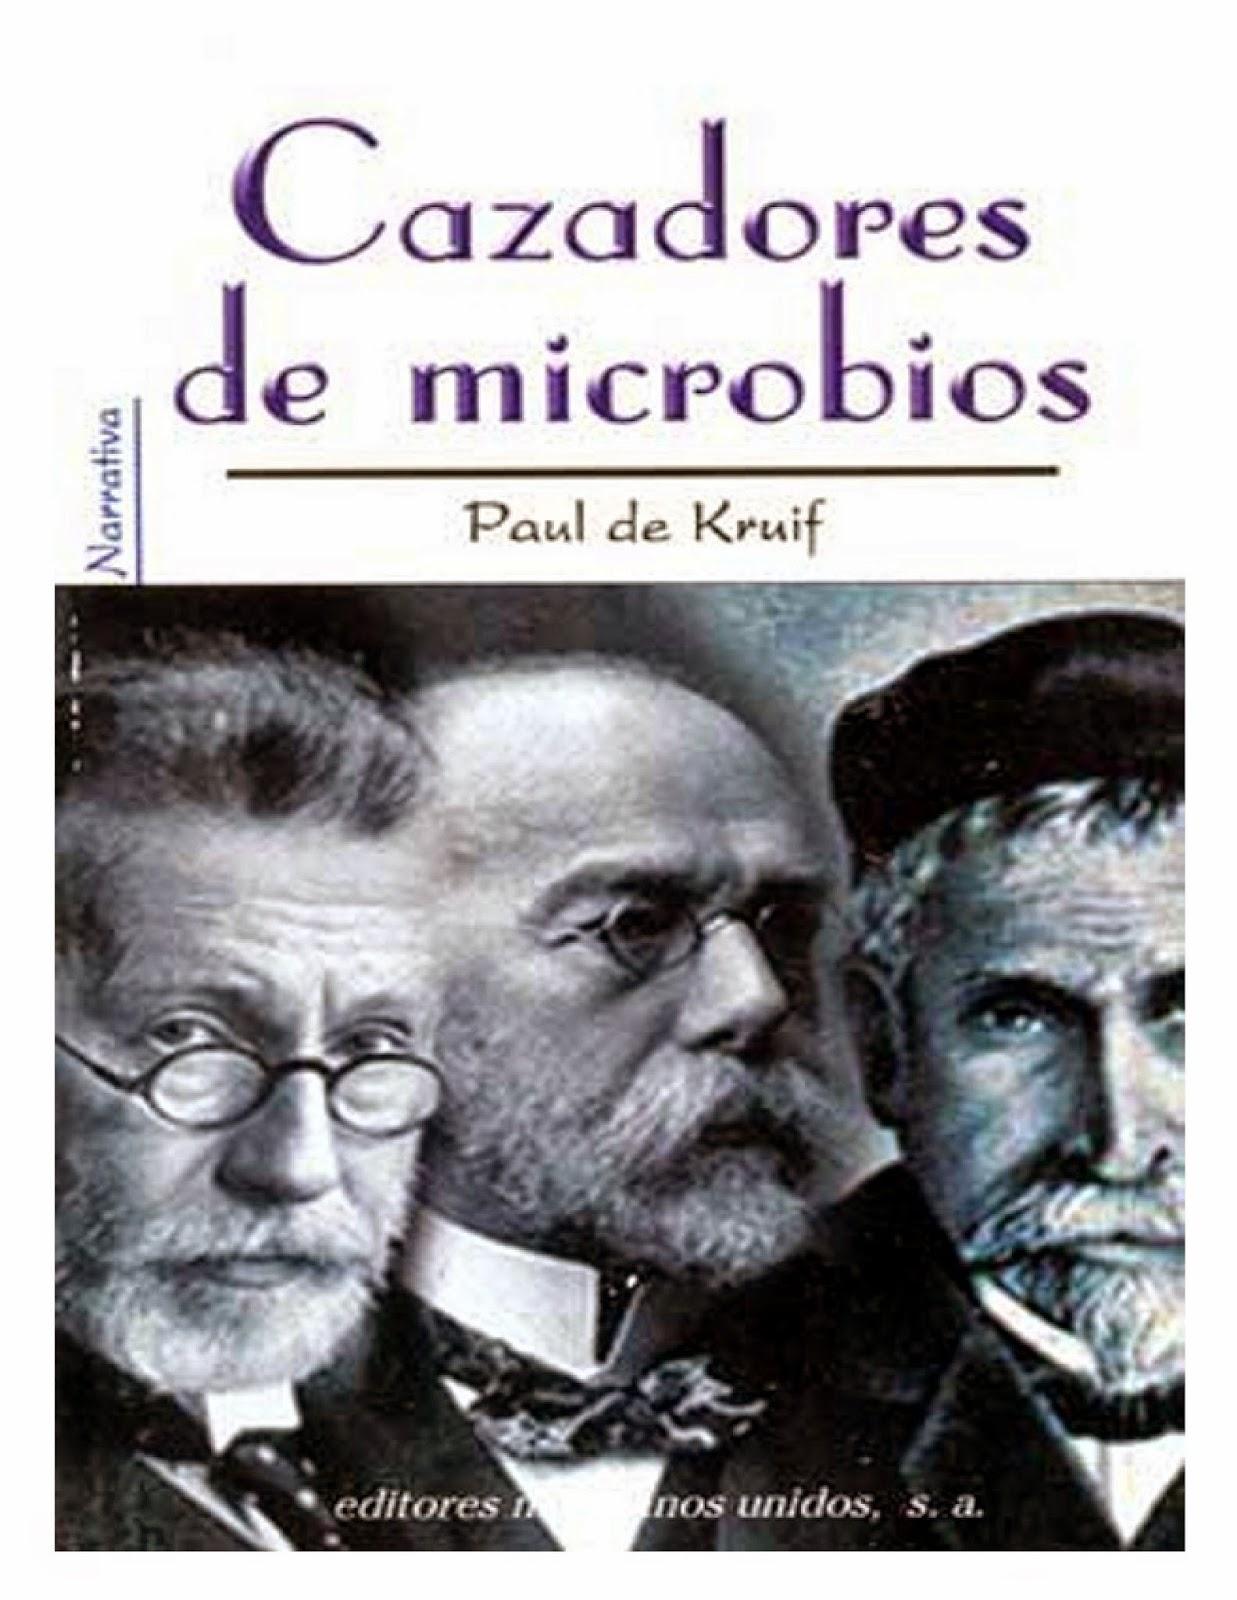 libro cazadores de microbios de paul de kruif gratis